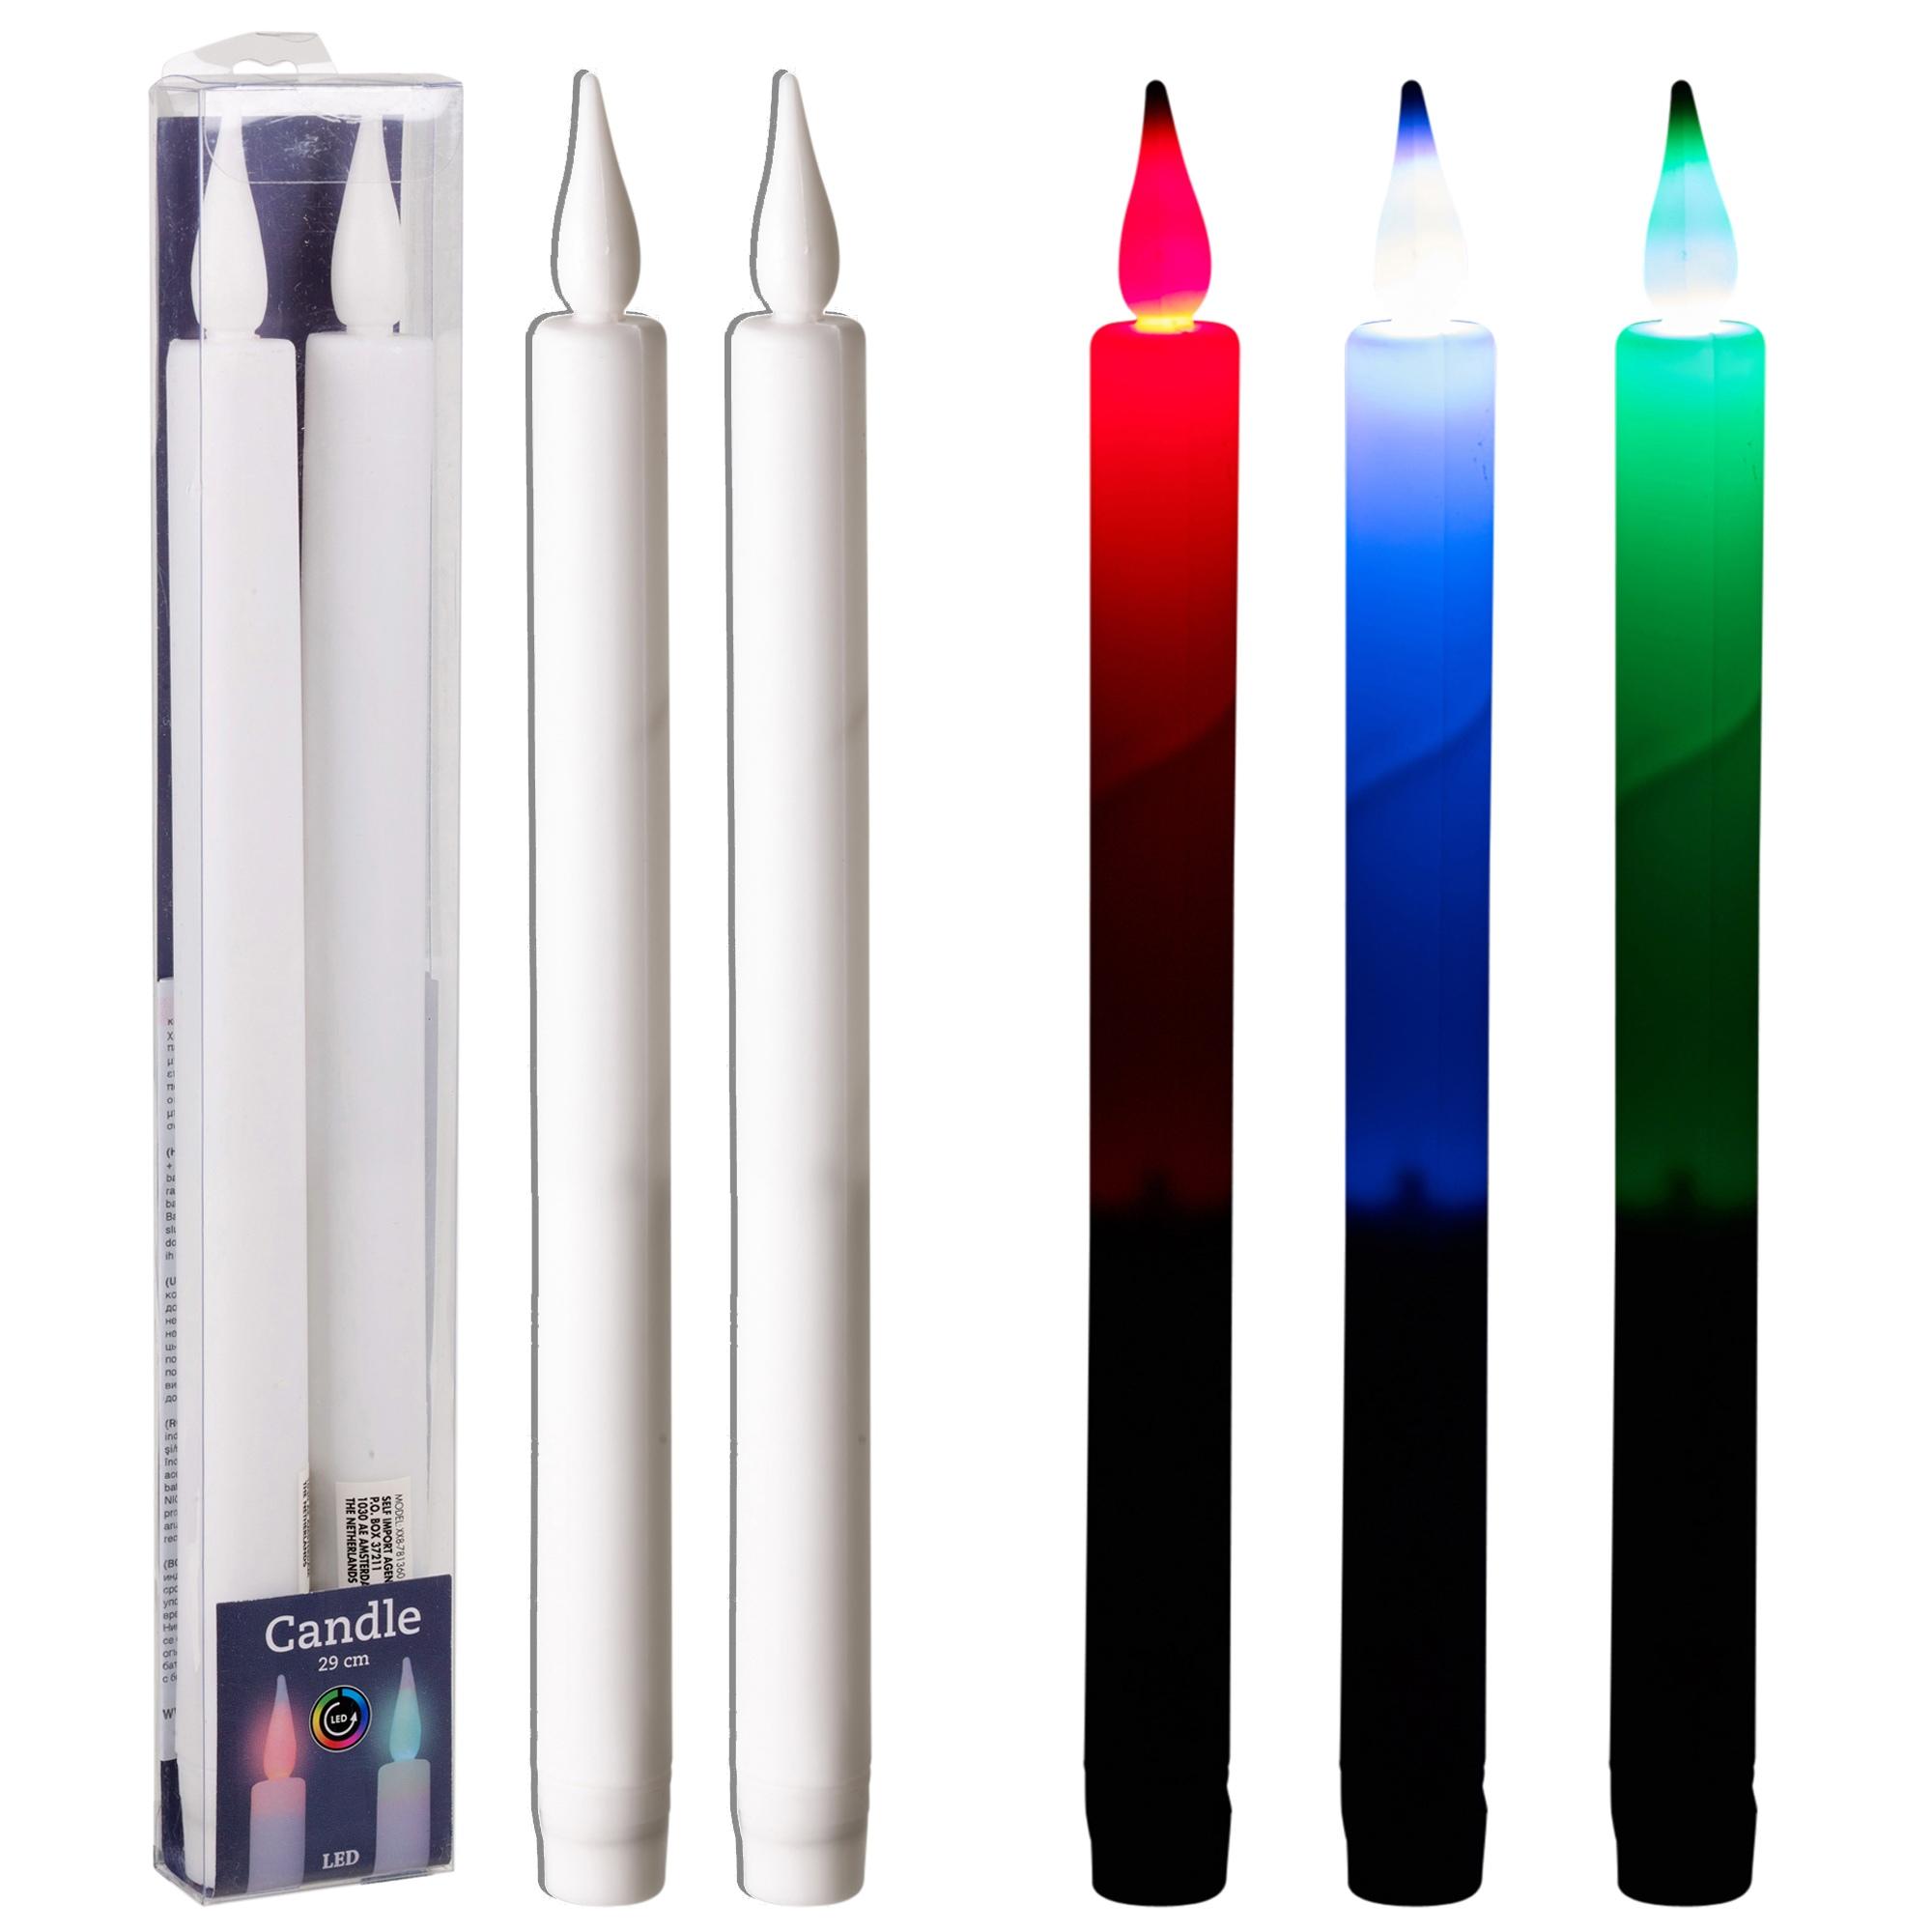 led flameless batterienbetrieben konus dinnerparty farbig kerzen lichter paar ebay. Black Bedroom Furniture Sets. Home Design Ideas